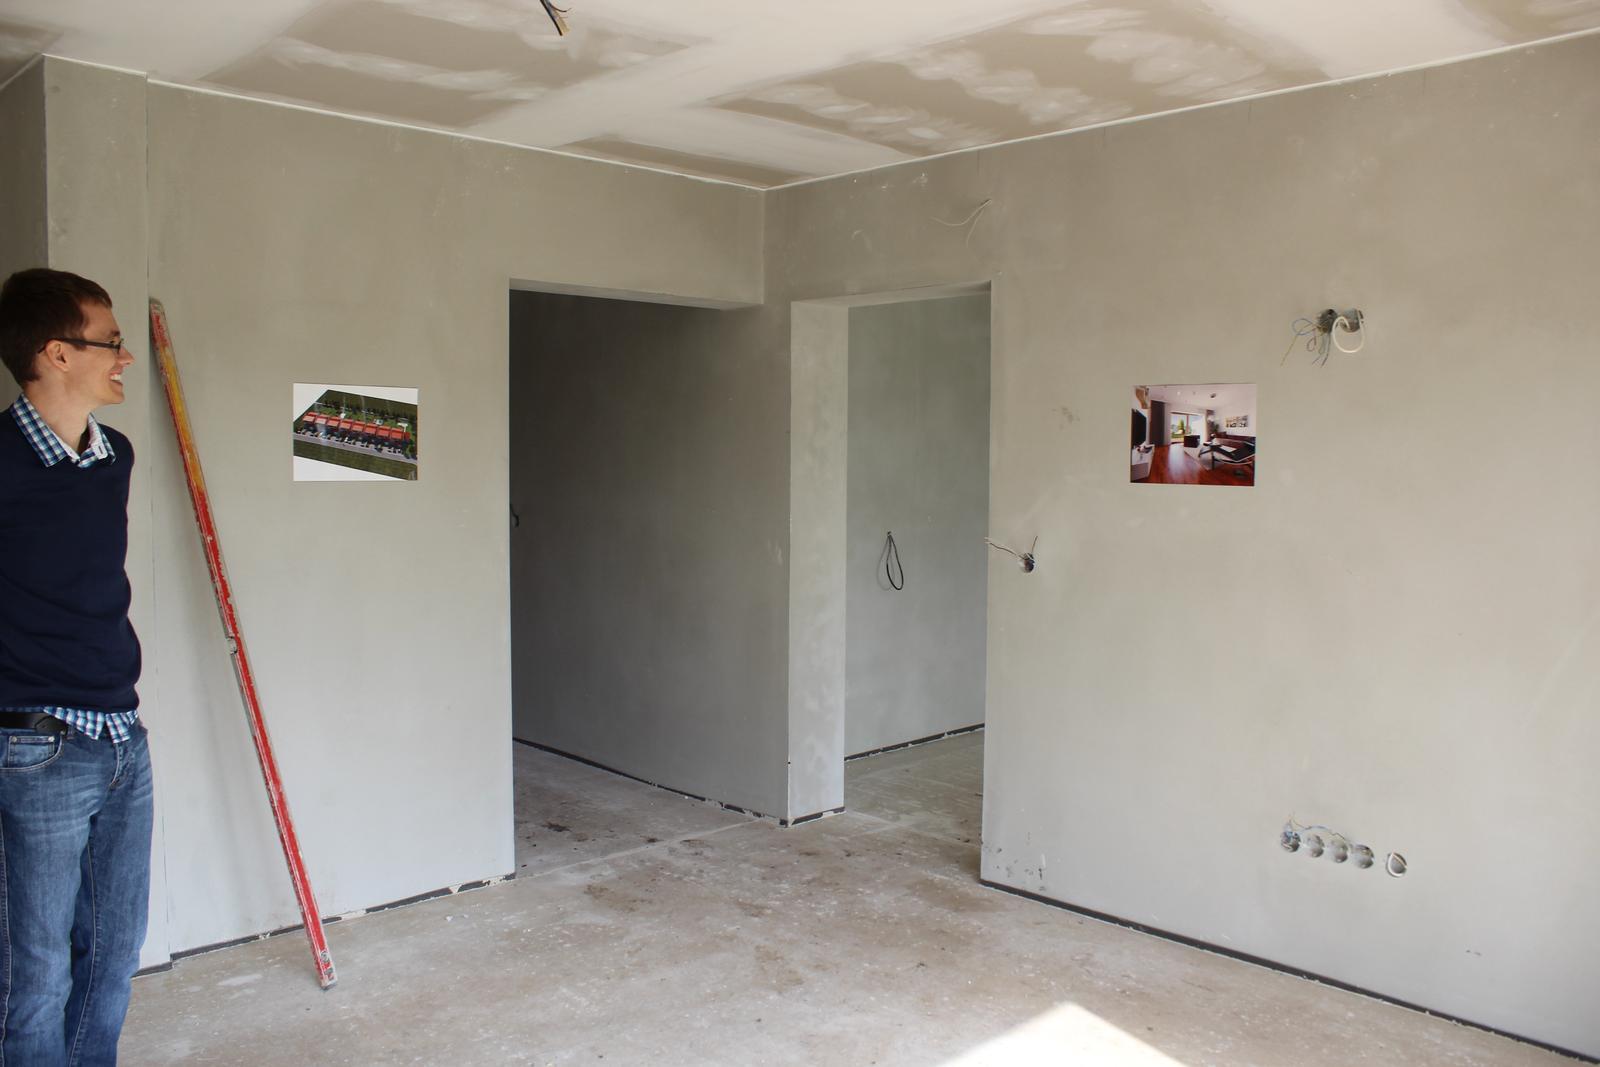 Splněný sen ... domeček - pohled na televizni stenu za kterou je kuchyn s jidelnou